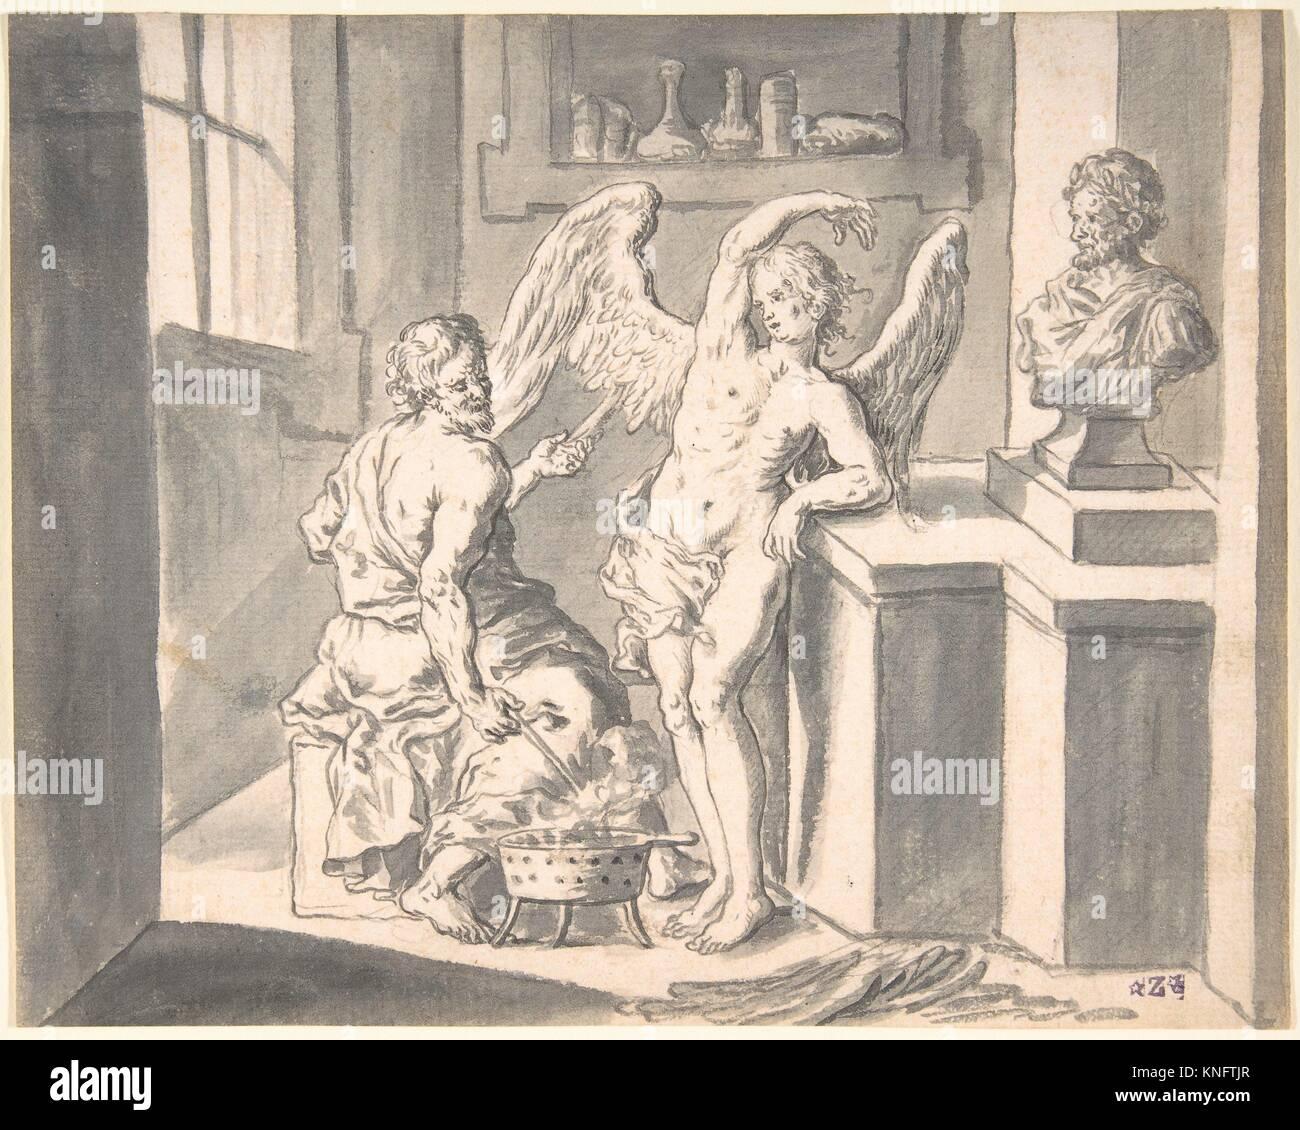 Daedalus formando las alas de Ícaro fuera de cera. Artista: Franz Xaver Littisch Wagenschön austríaco, Imagen De Stock